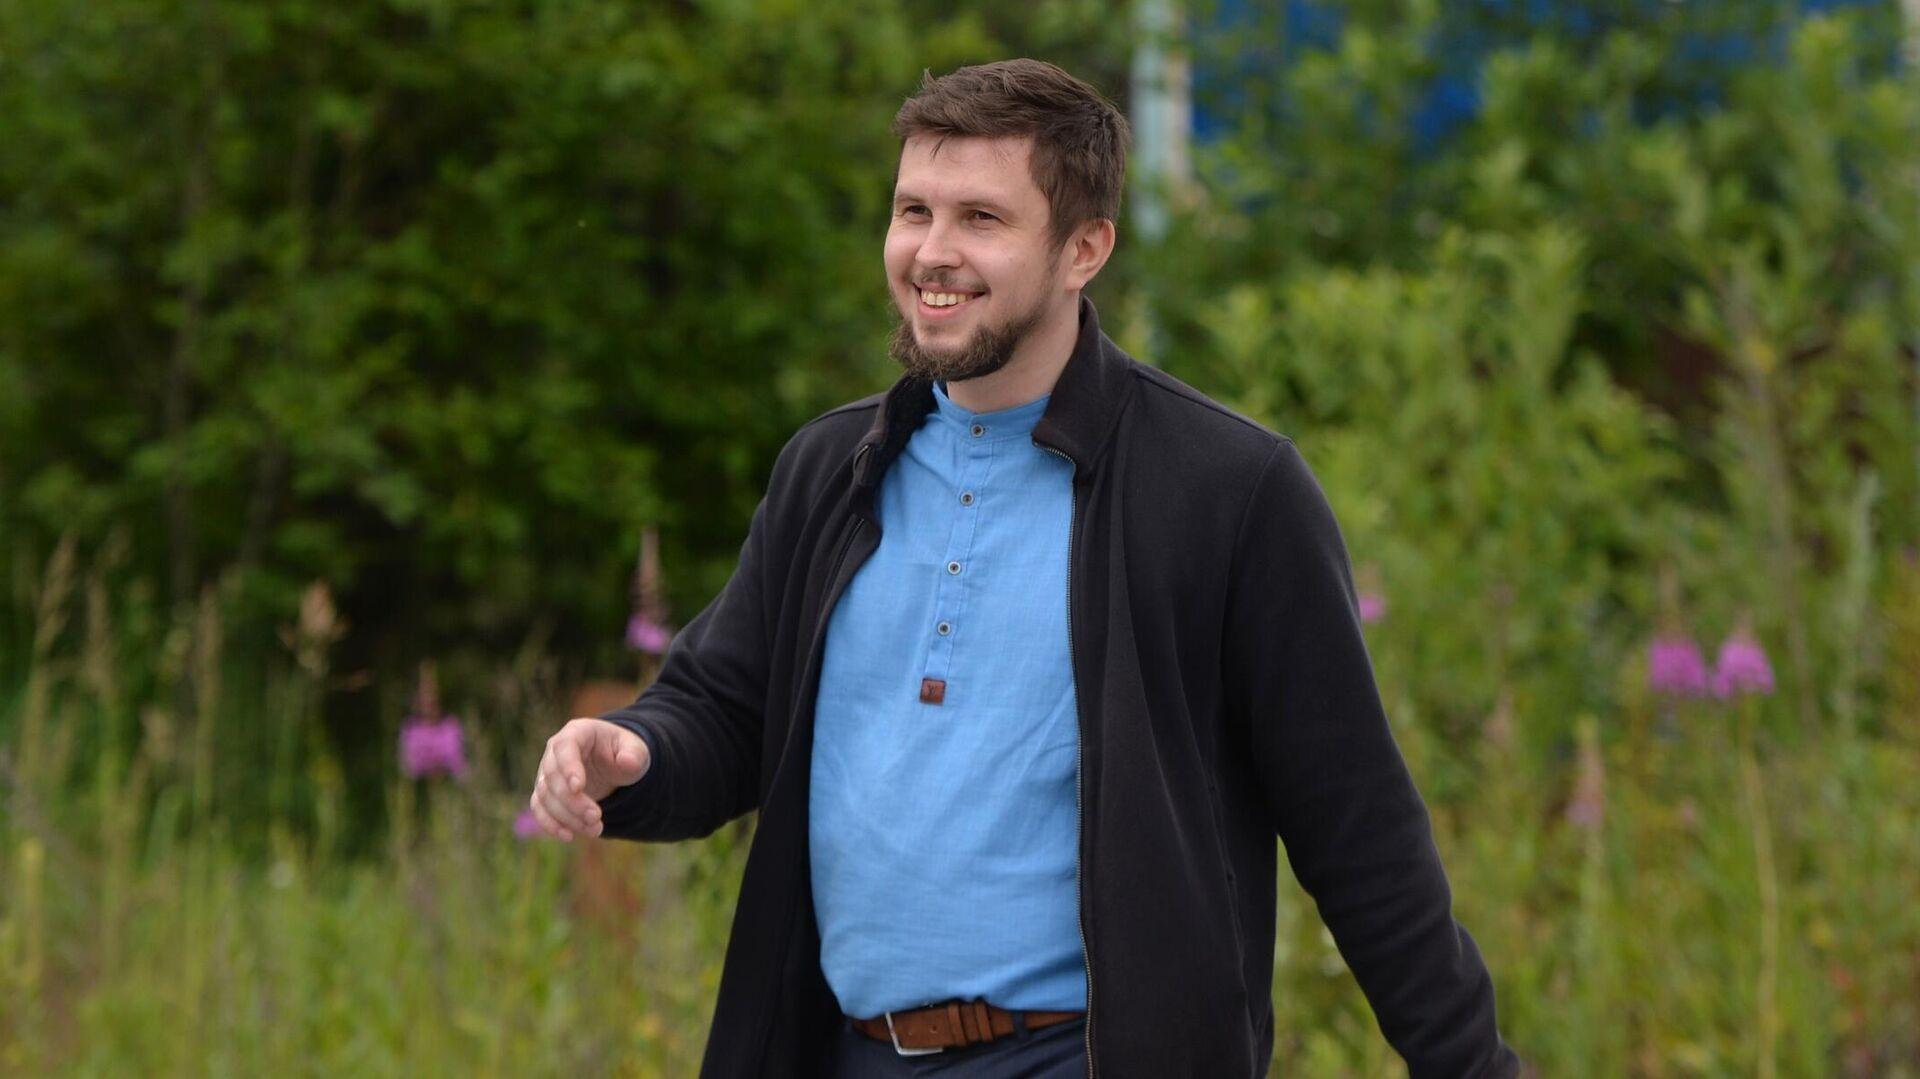 Помощника экс-схиигумена Сергия задержали за экстремизм